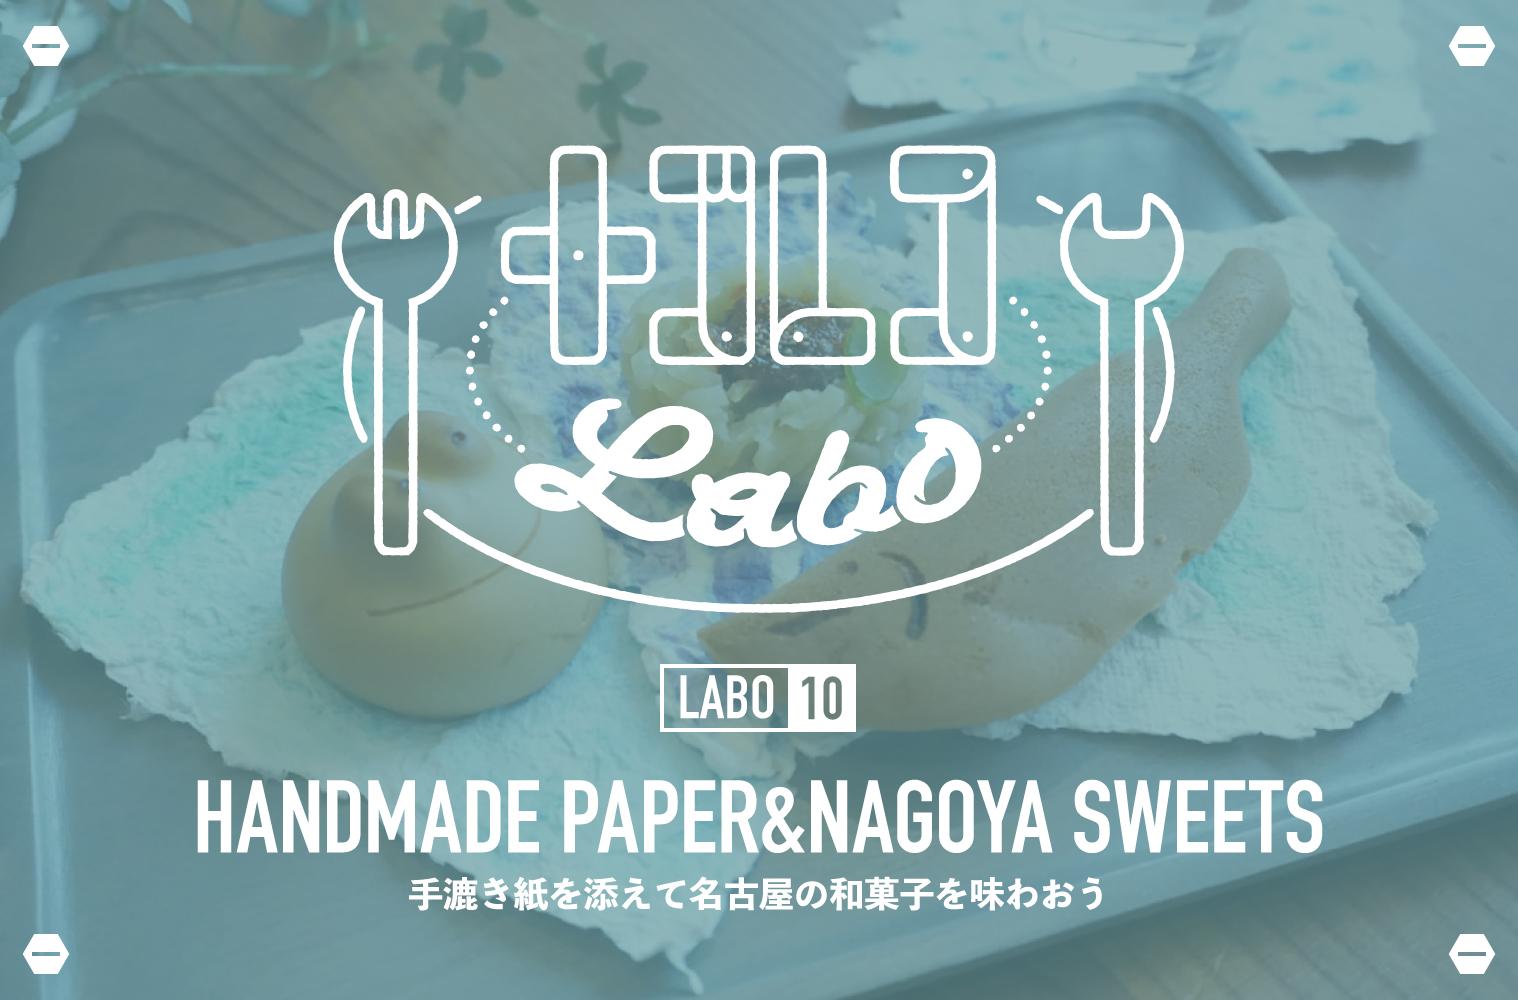 ナゴレコLABO|10:手漉き紙を添えて名古屋の和菓子を味わおう